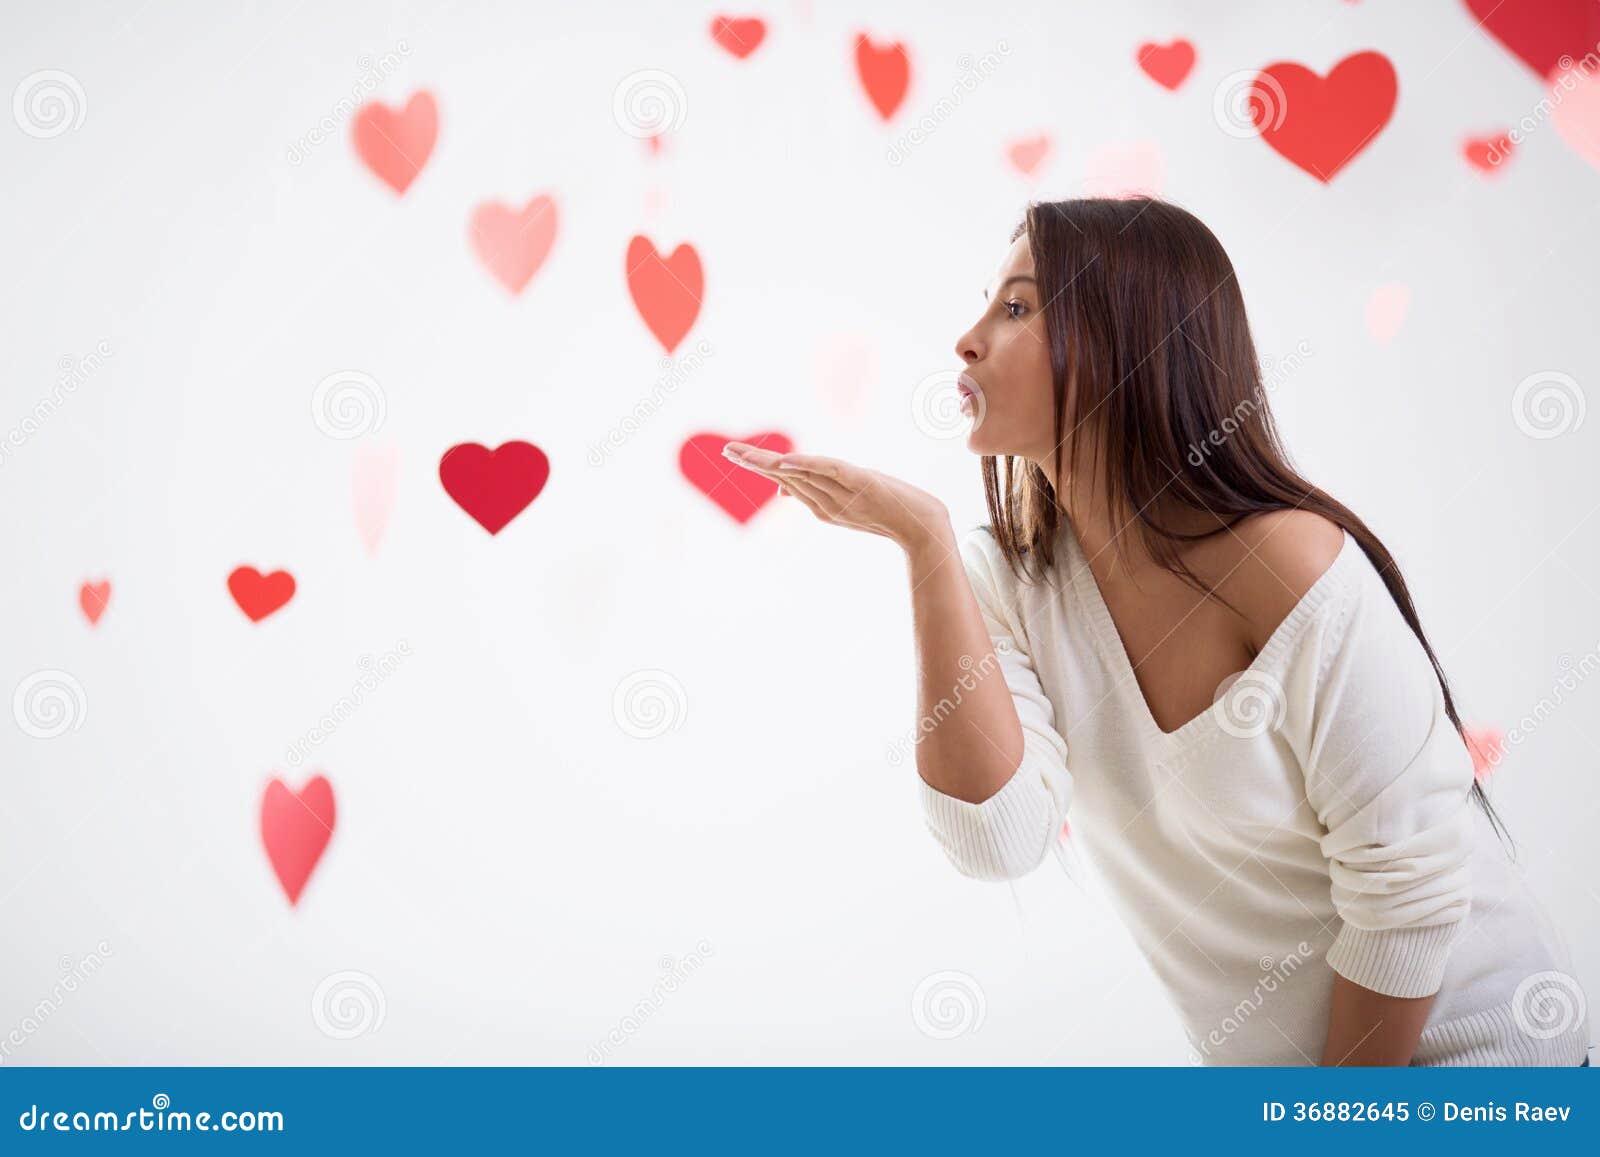 Download Neolatino immagine stock. Immagine di bianco, donna, feste - 36882645